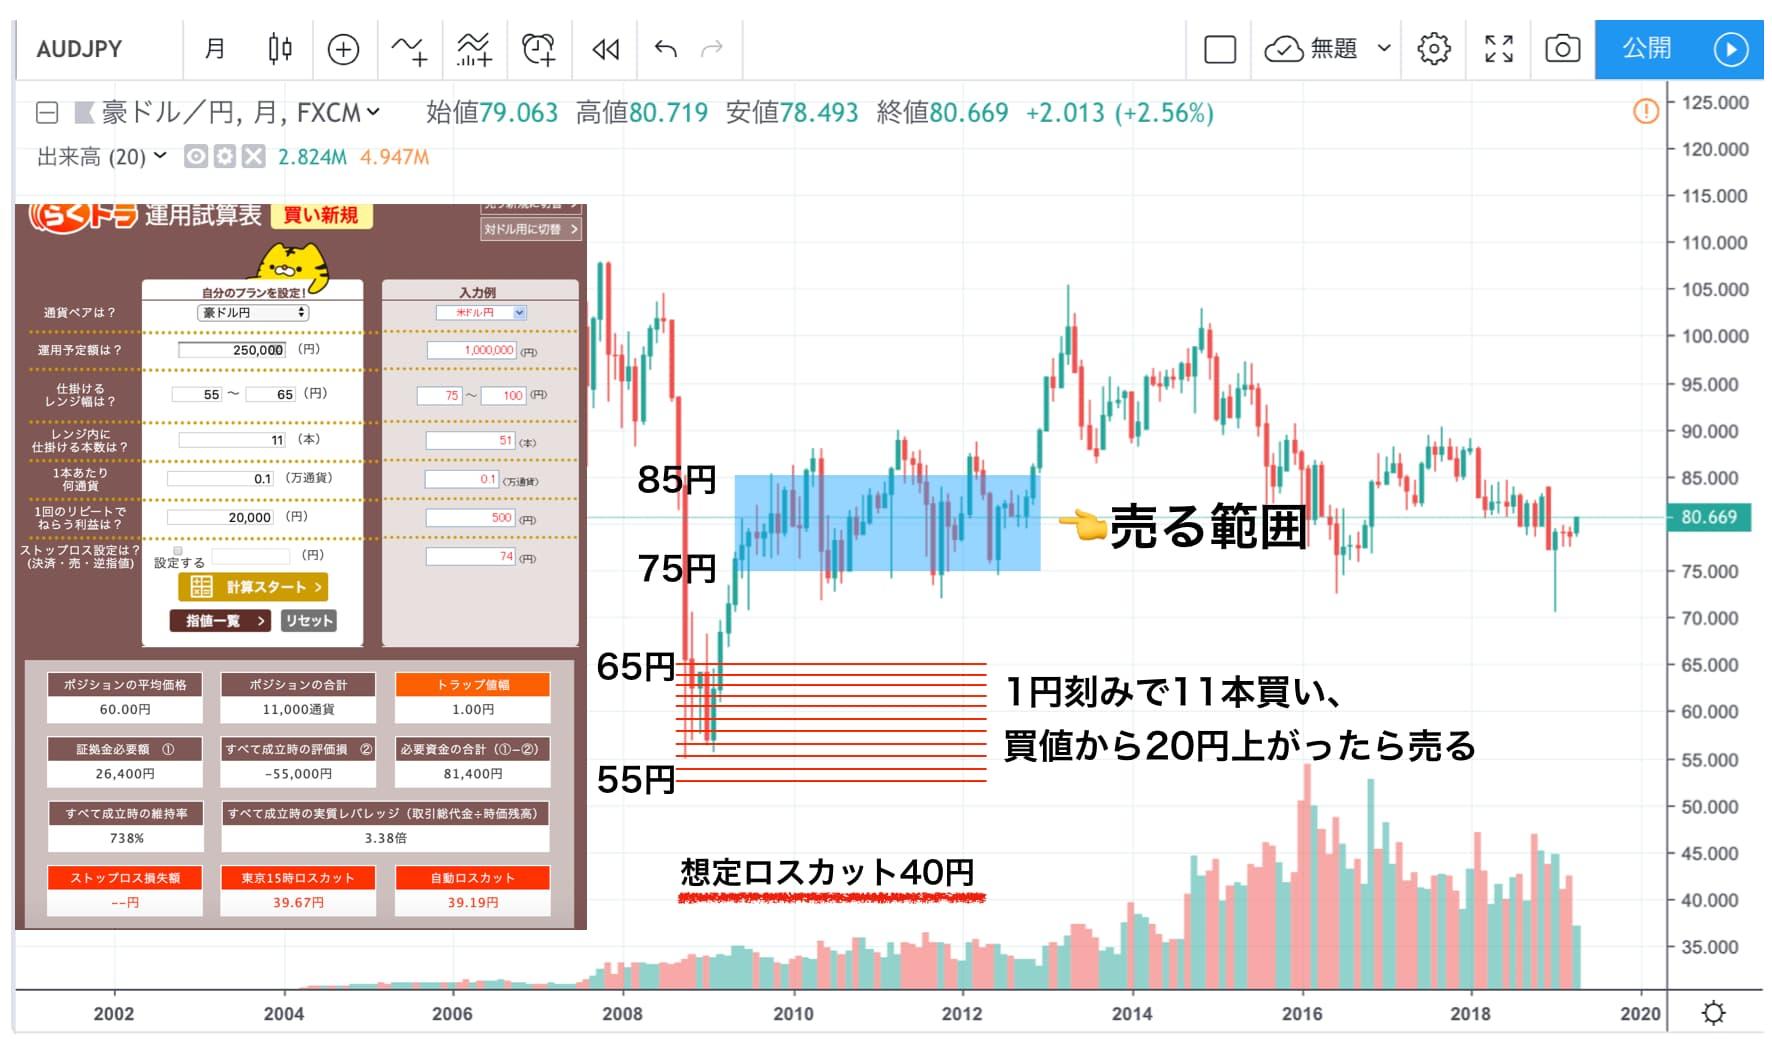 豪ドル/円 チャート